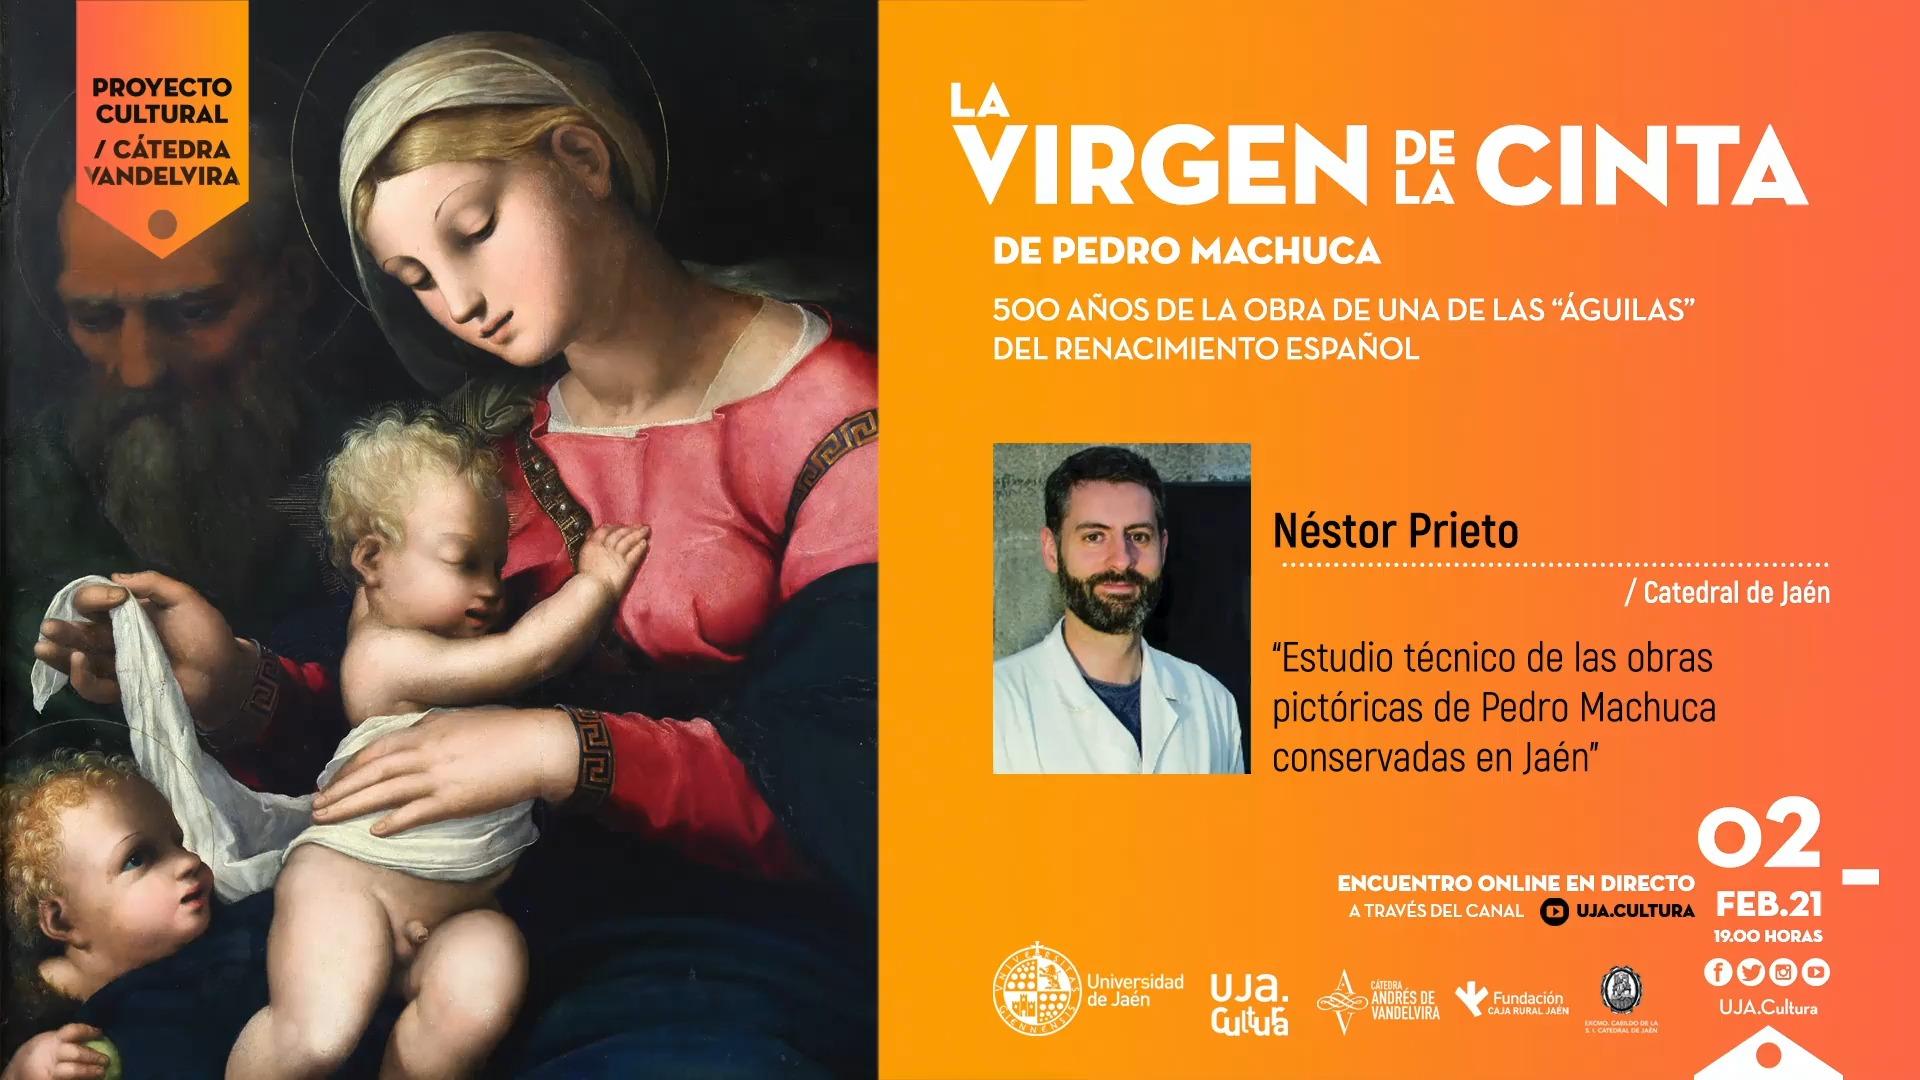 Estudio técnico de las obras pictóricas de Pedro Machuca conservados en Jaén